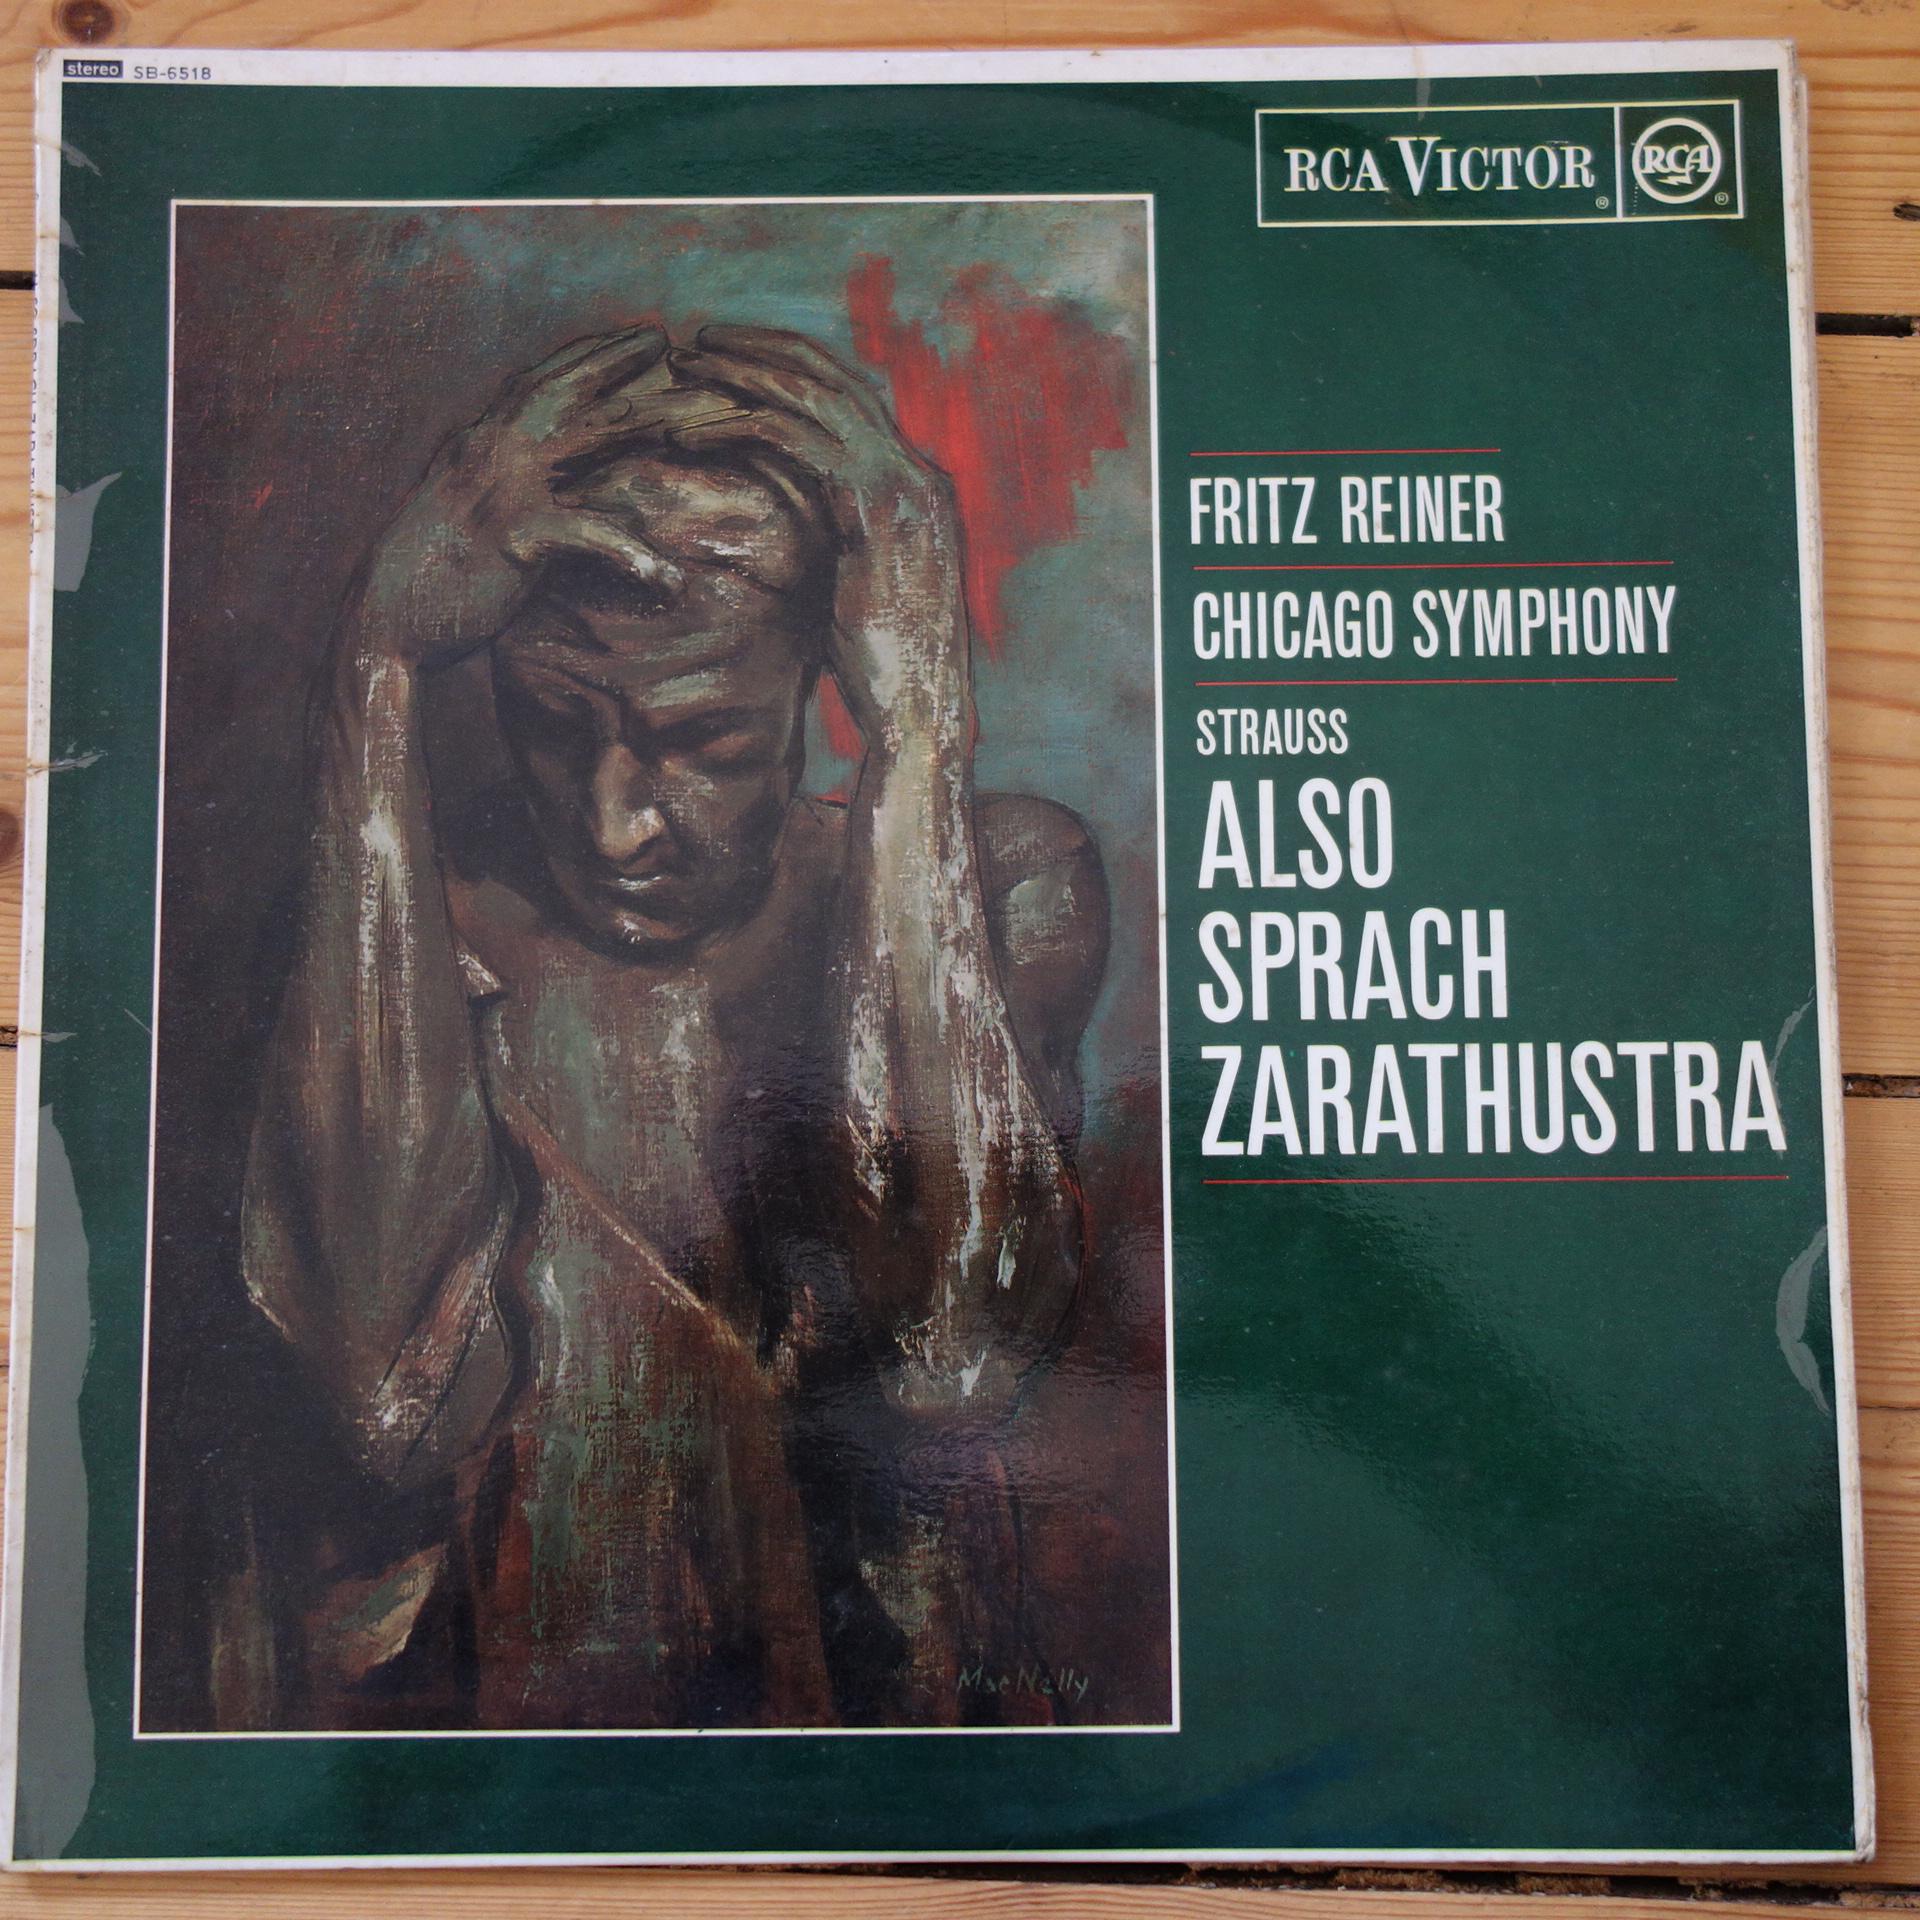 SB 6518 Strauss Also sprach Zarathustra / Reiner GD R/S